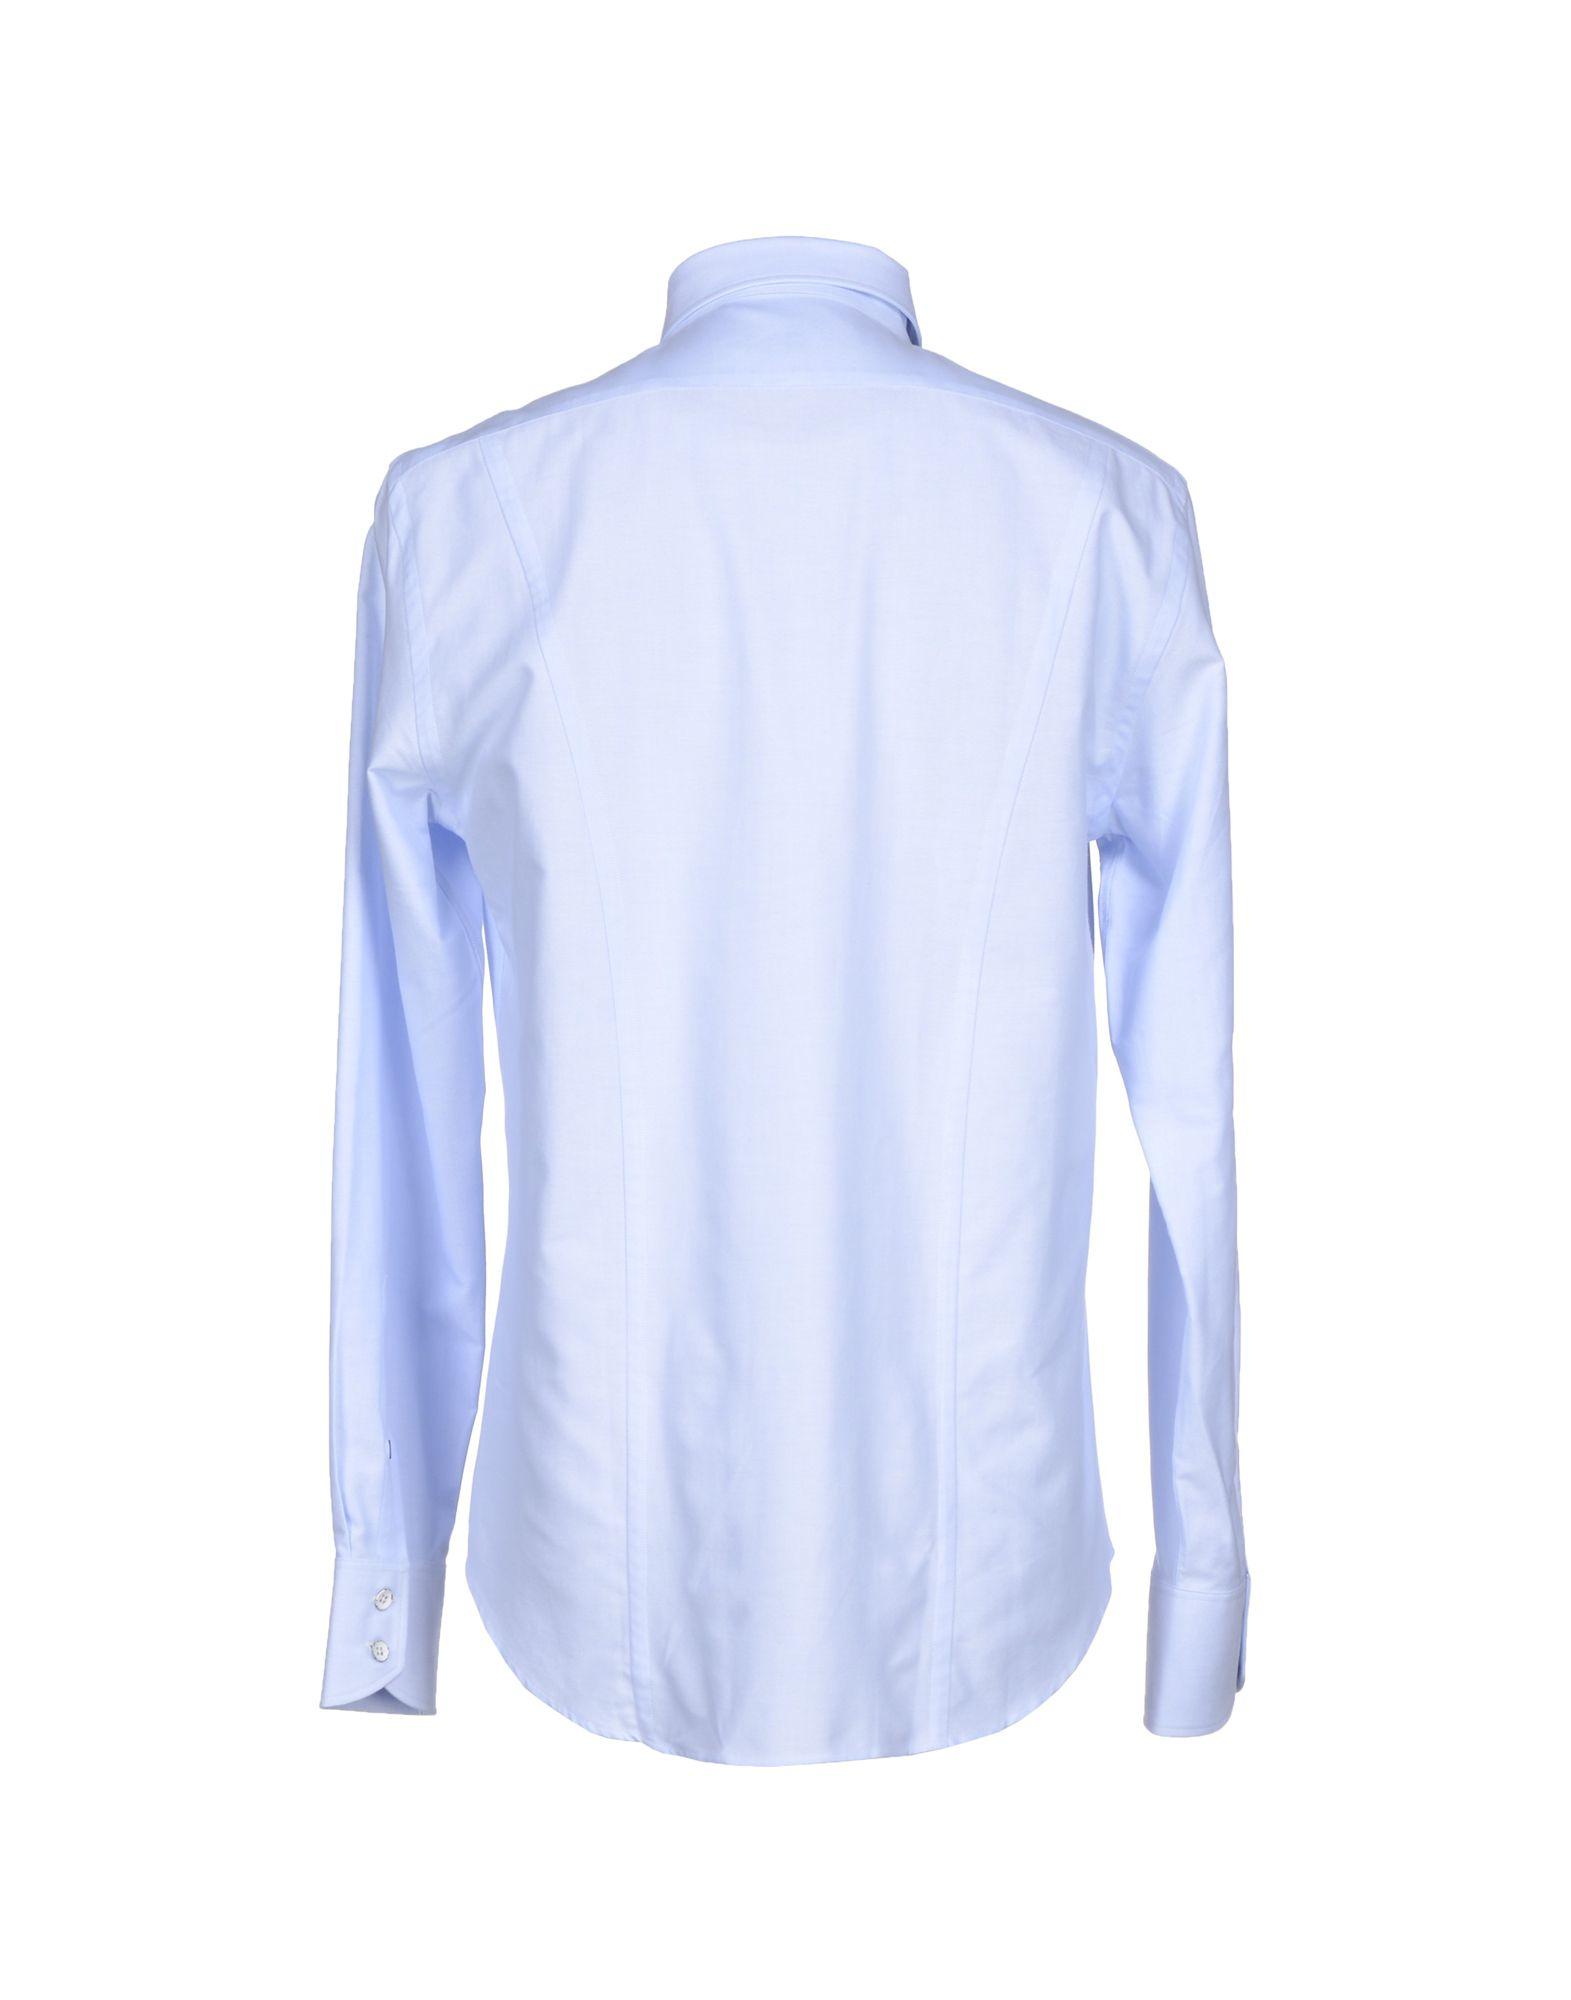 Rag bone shirt in blue for men lyst for Rag bone shirt